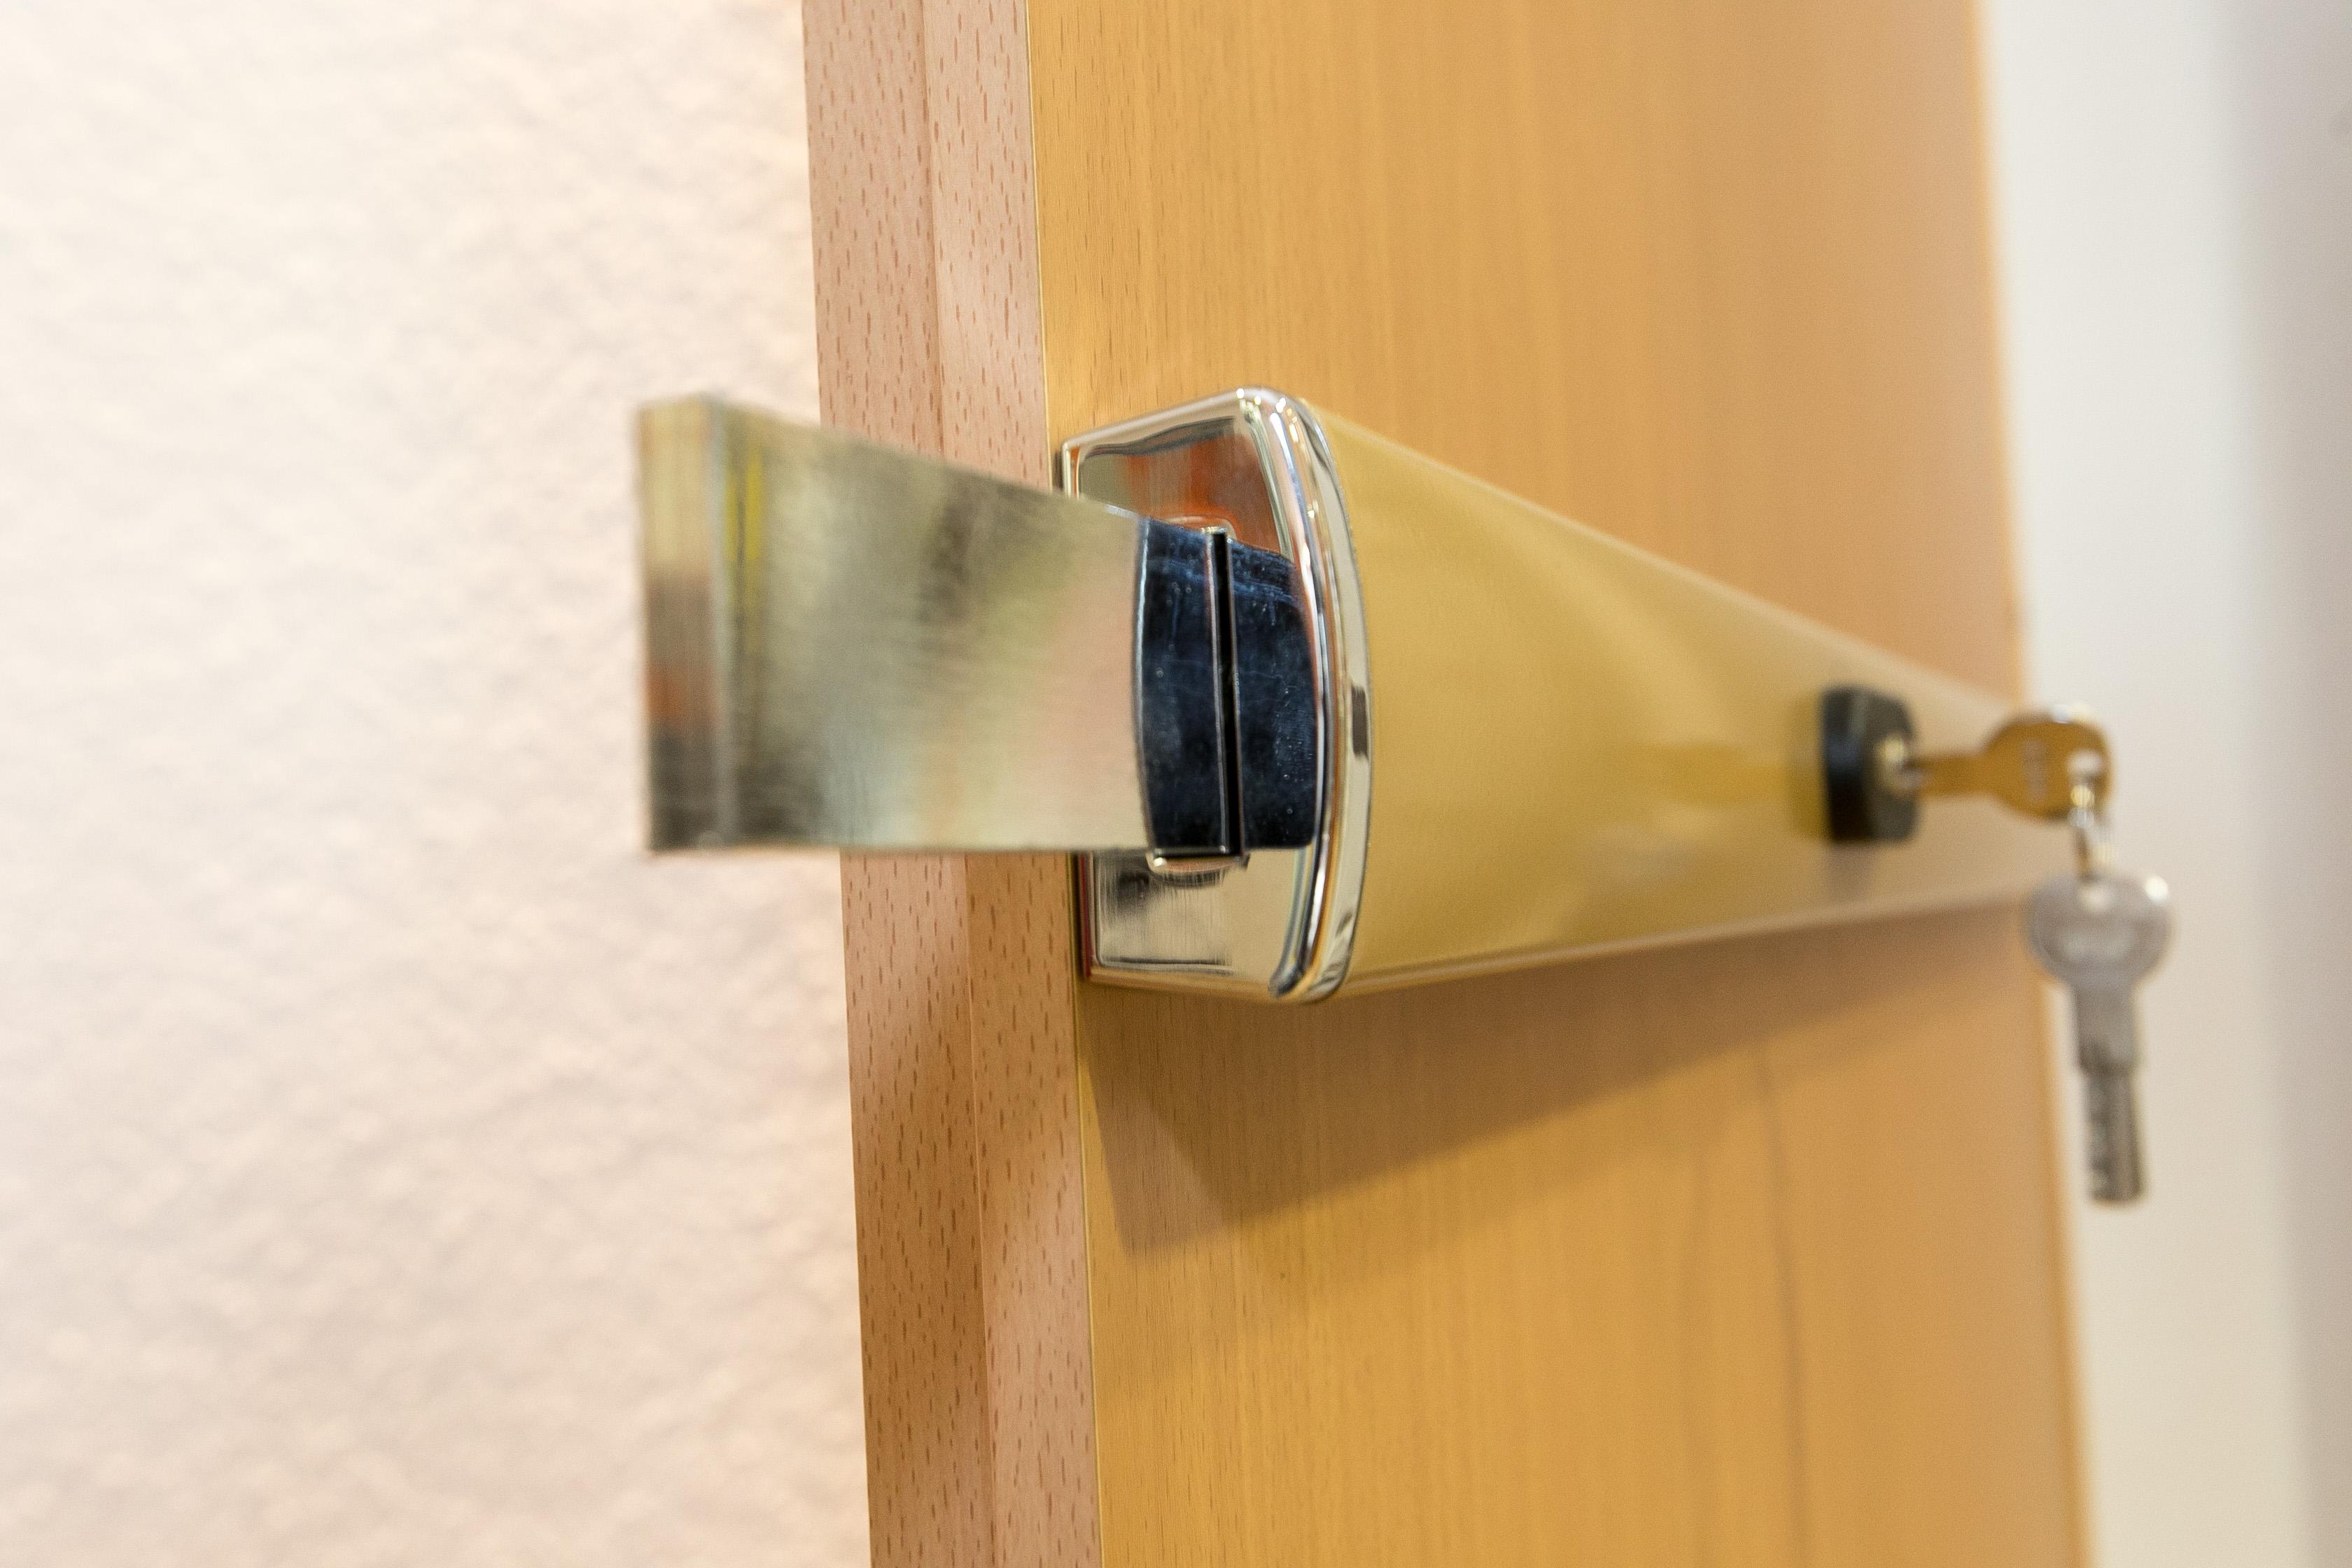 Türensicherheit von Sicherheitstechnik Herkendell